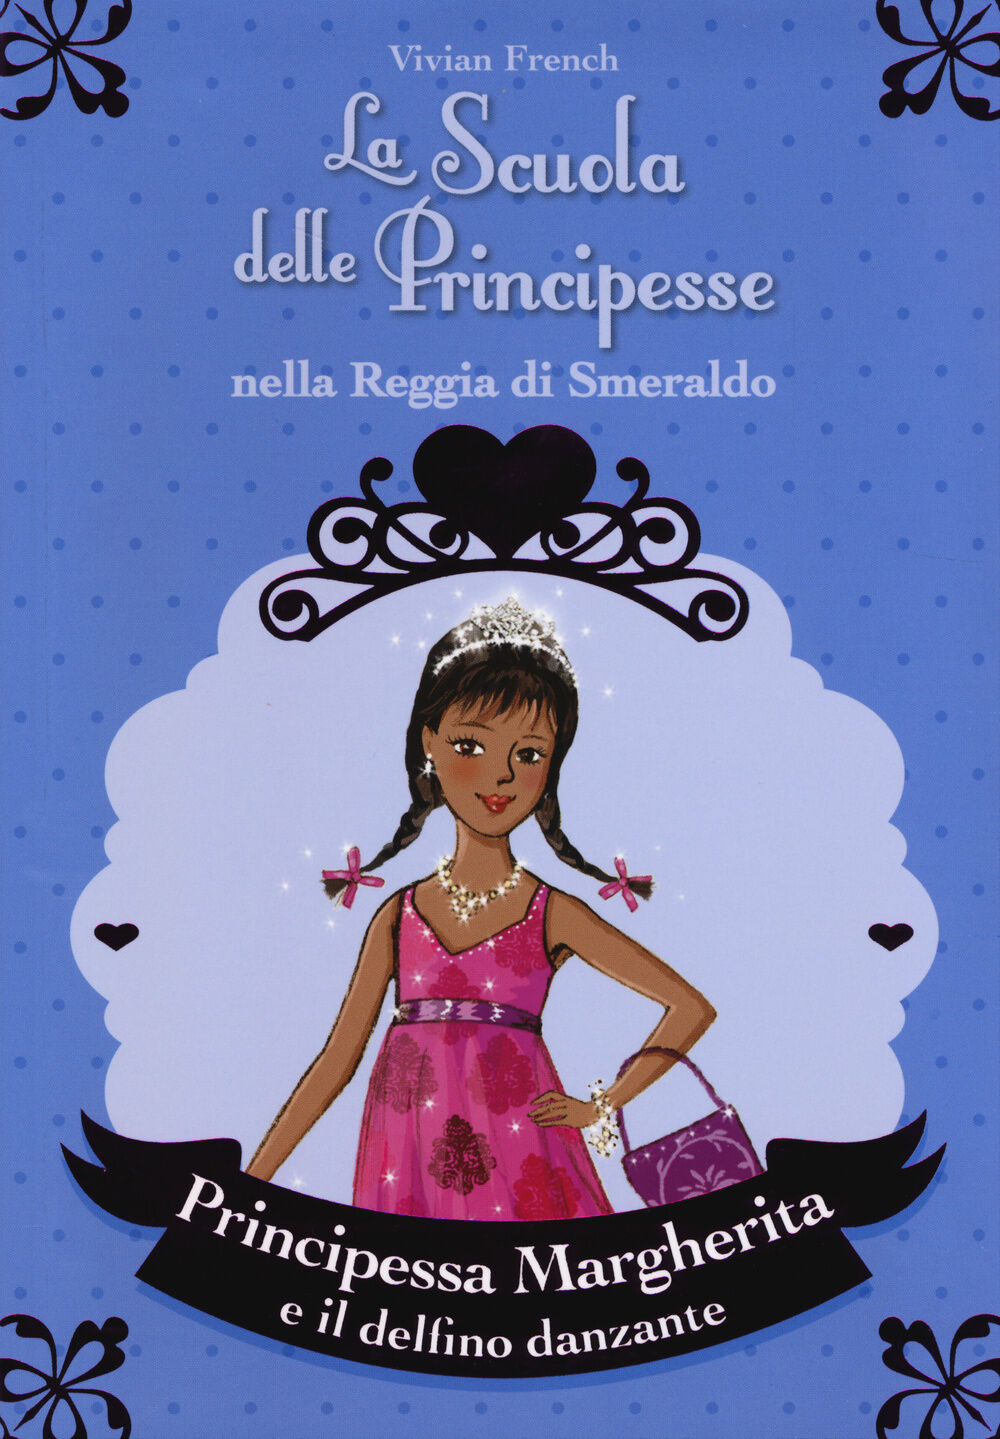 Principessa Margherita e il delfino danzante. La scuola delle principesse nella reggia di Smeraldo. Vol. 29